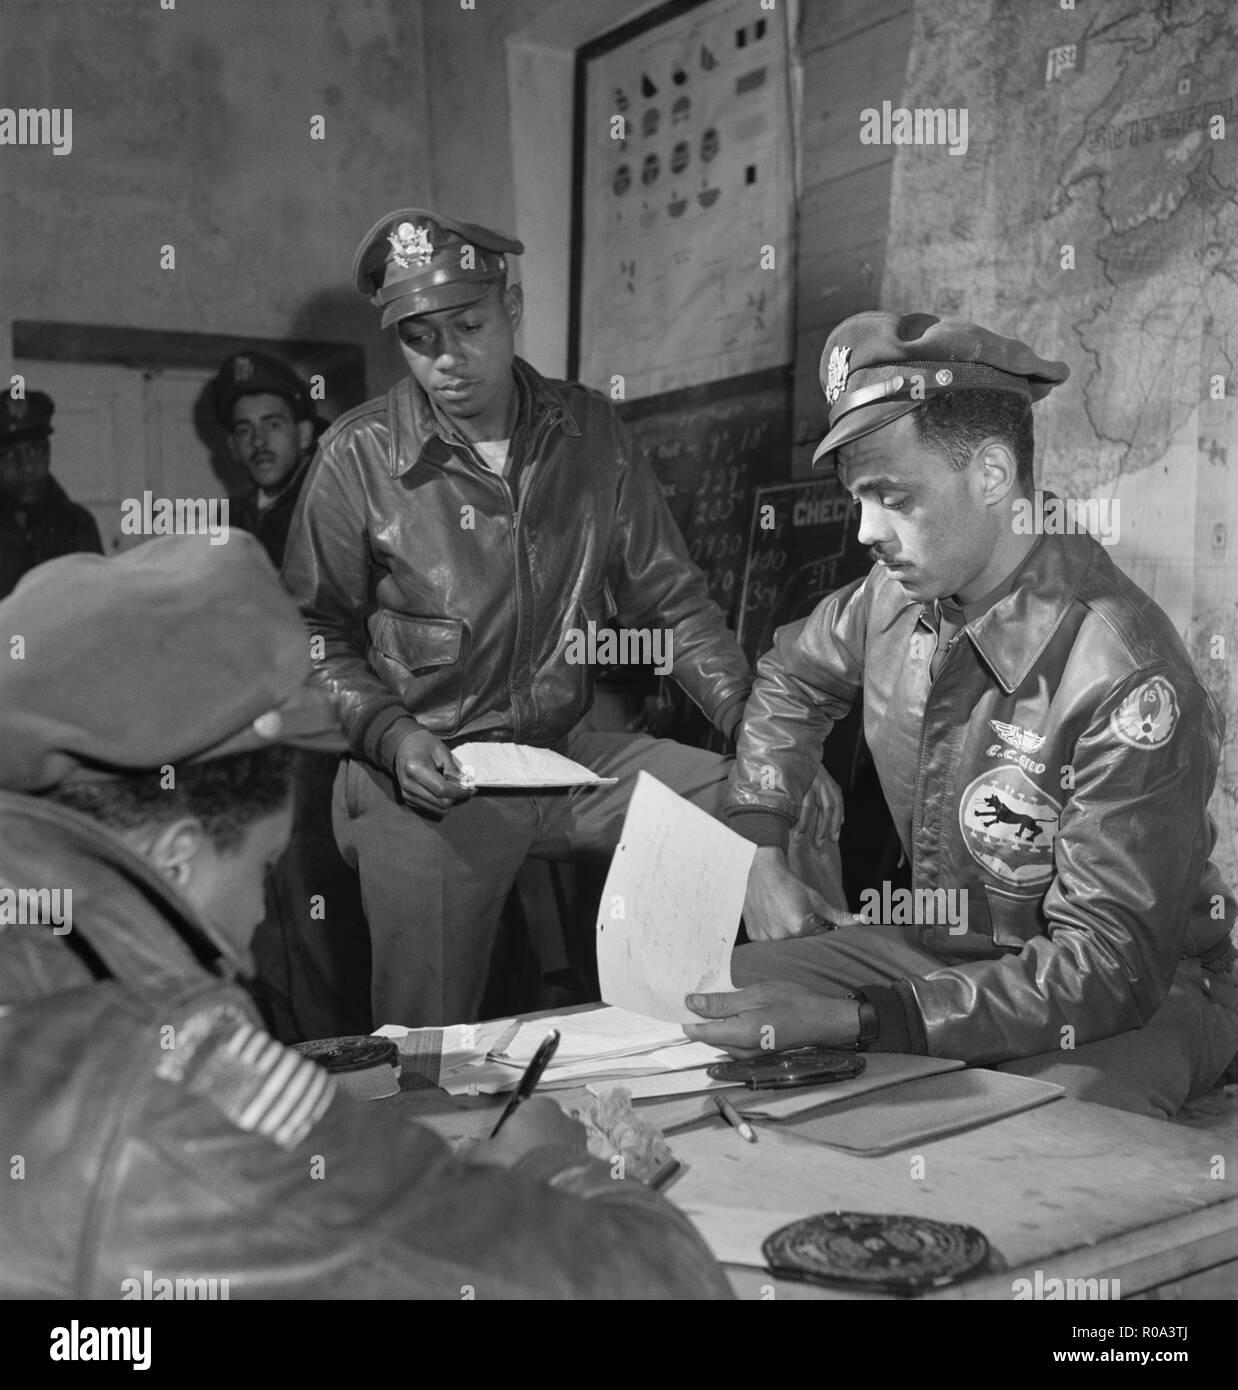 Exposé à Tuskegee Airmen à Air Base, Woodrow W. Crockett, debout au centre, Edward C. Gleed, Lawrence, KS, classe 42-K, officier des opérations du Groupe, assis sur la droite, et l'Aviateur non identifiés assis sur la gauche, Ramitelli, Italie, Toni Frissell, Mars 1945 Photo Stock